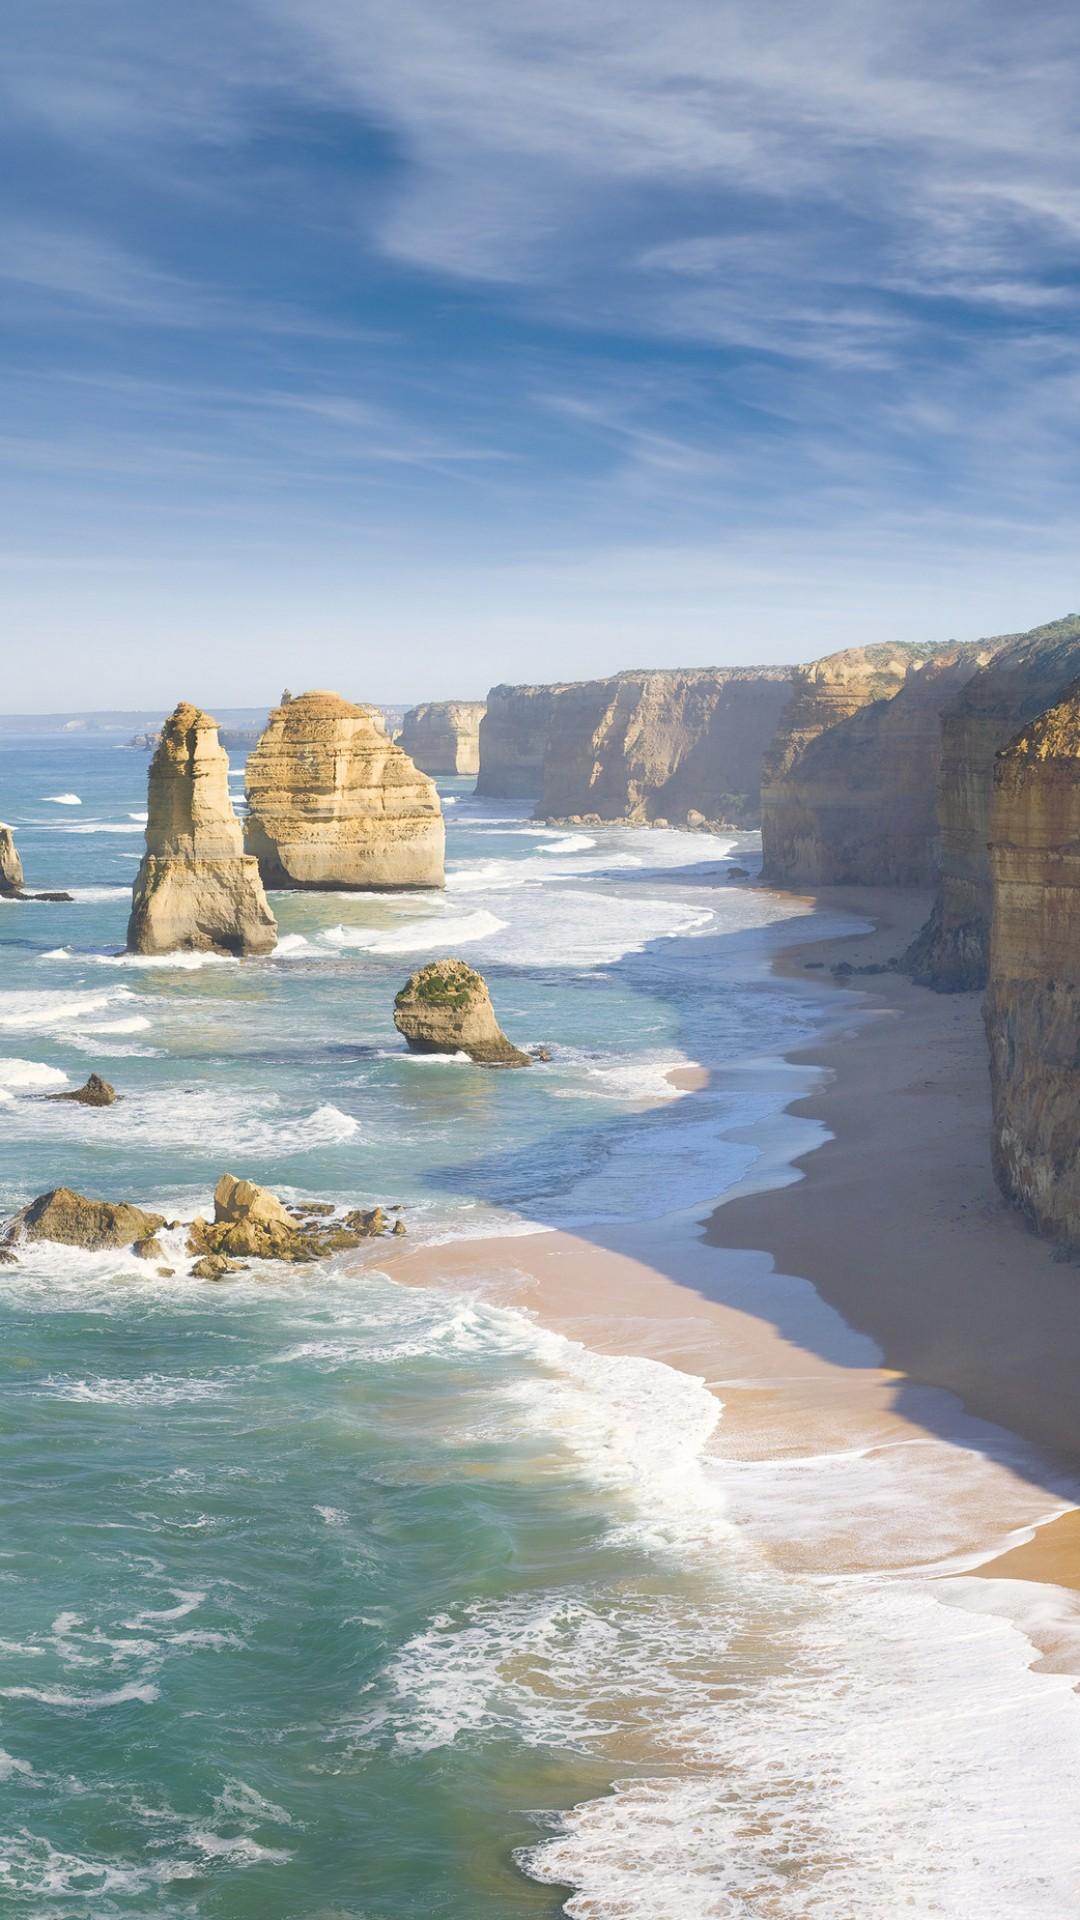 Обои австралия, квинсленд, тихий океан. Города foto 18